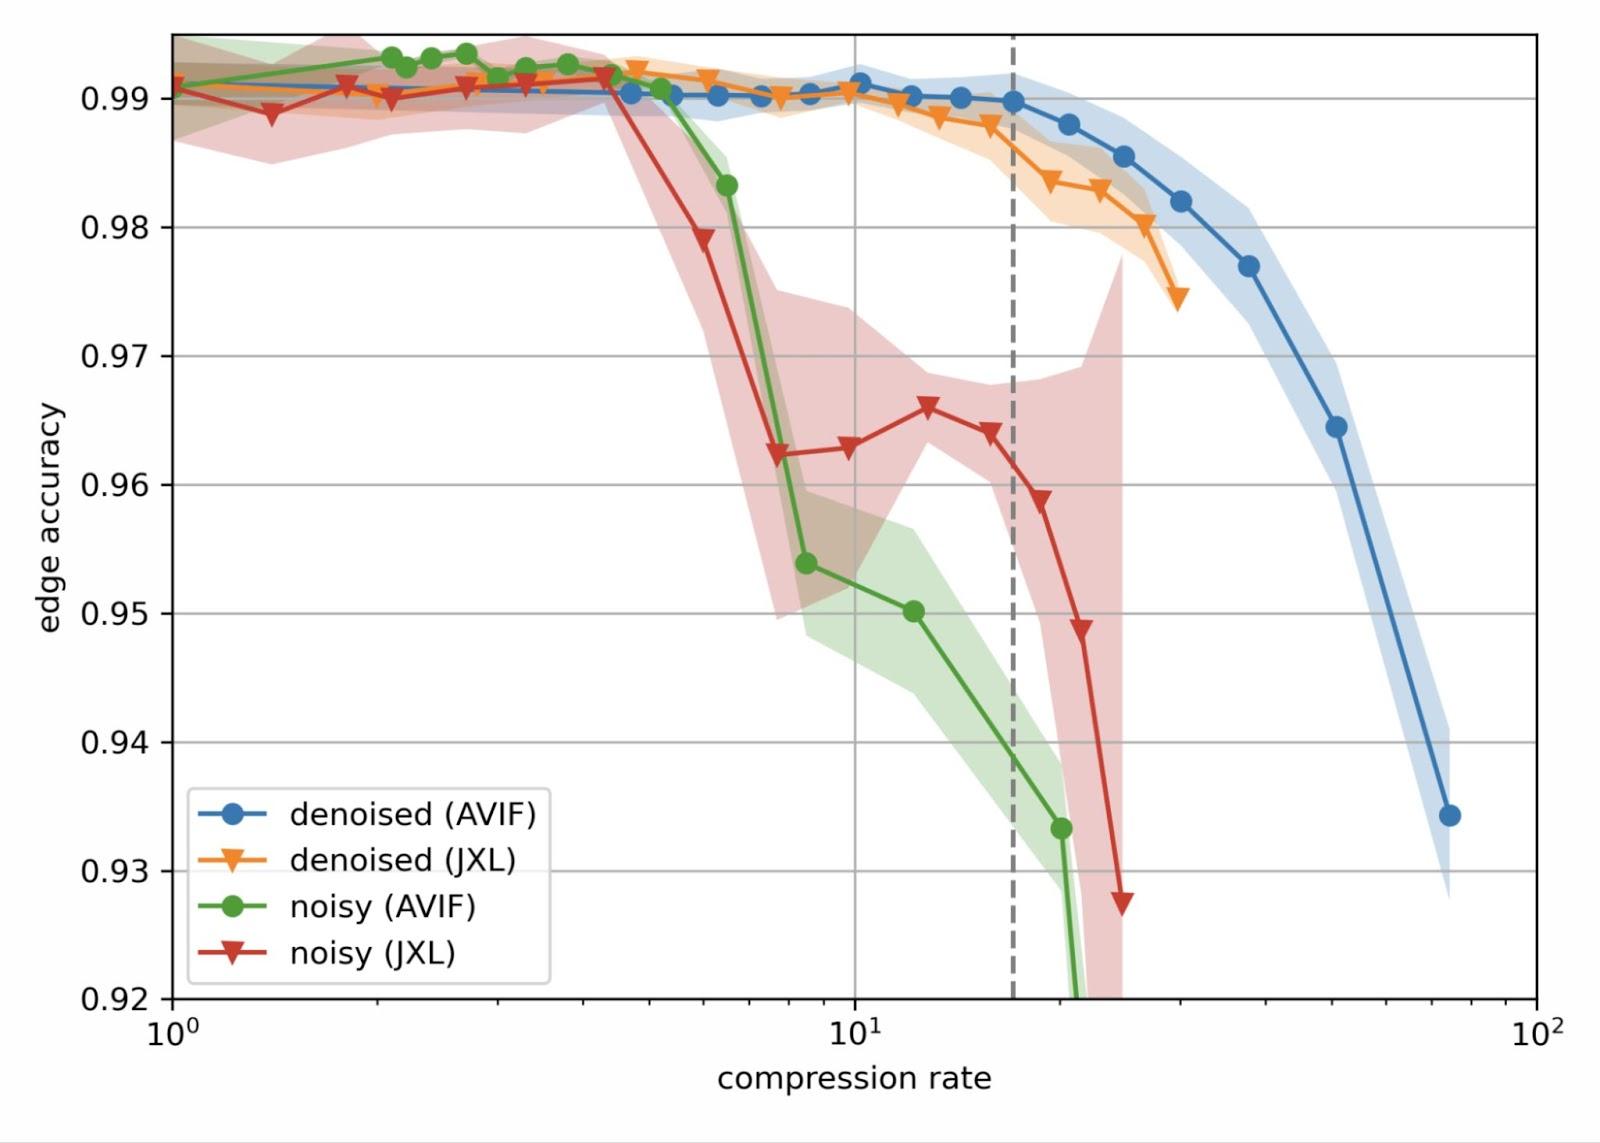 Качество реконструкции шумных и шумоподавленных изображений в зависимости от степени сжатия для кодеков JPEG XL (JXL) и AV Image Format (AVIF). Точки и линии показывают средние значения, области с заливкой покрывают ± 1 стандартное отклонение от среднего